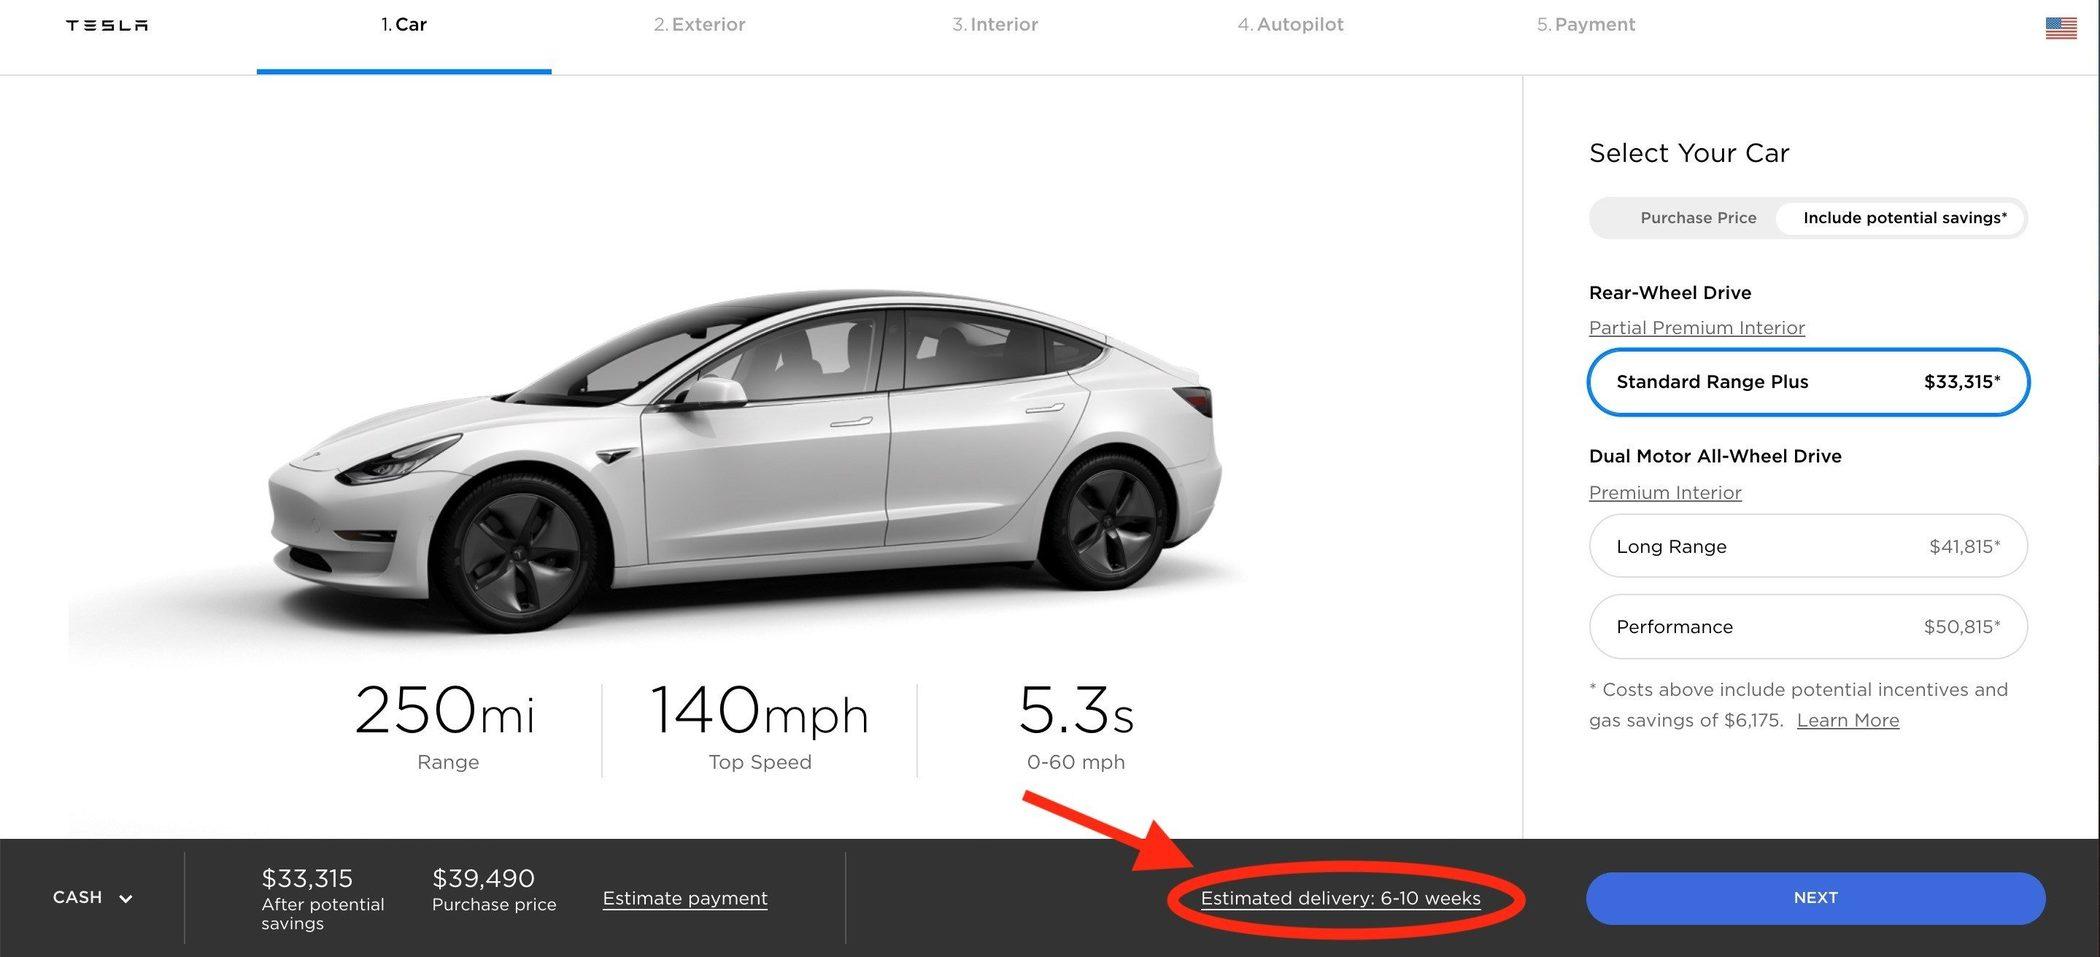 市场需求激增 特斯拉延长在美交付Model 3时间